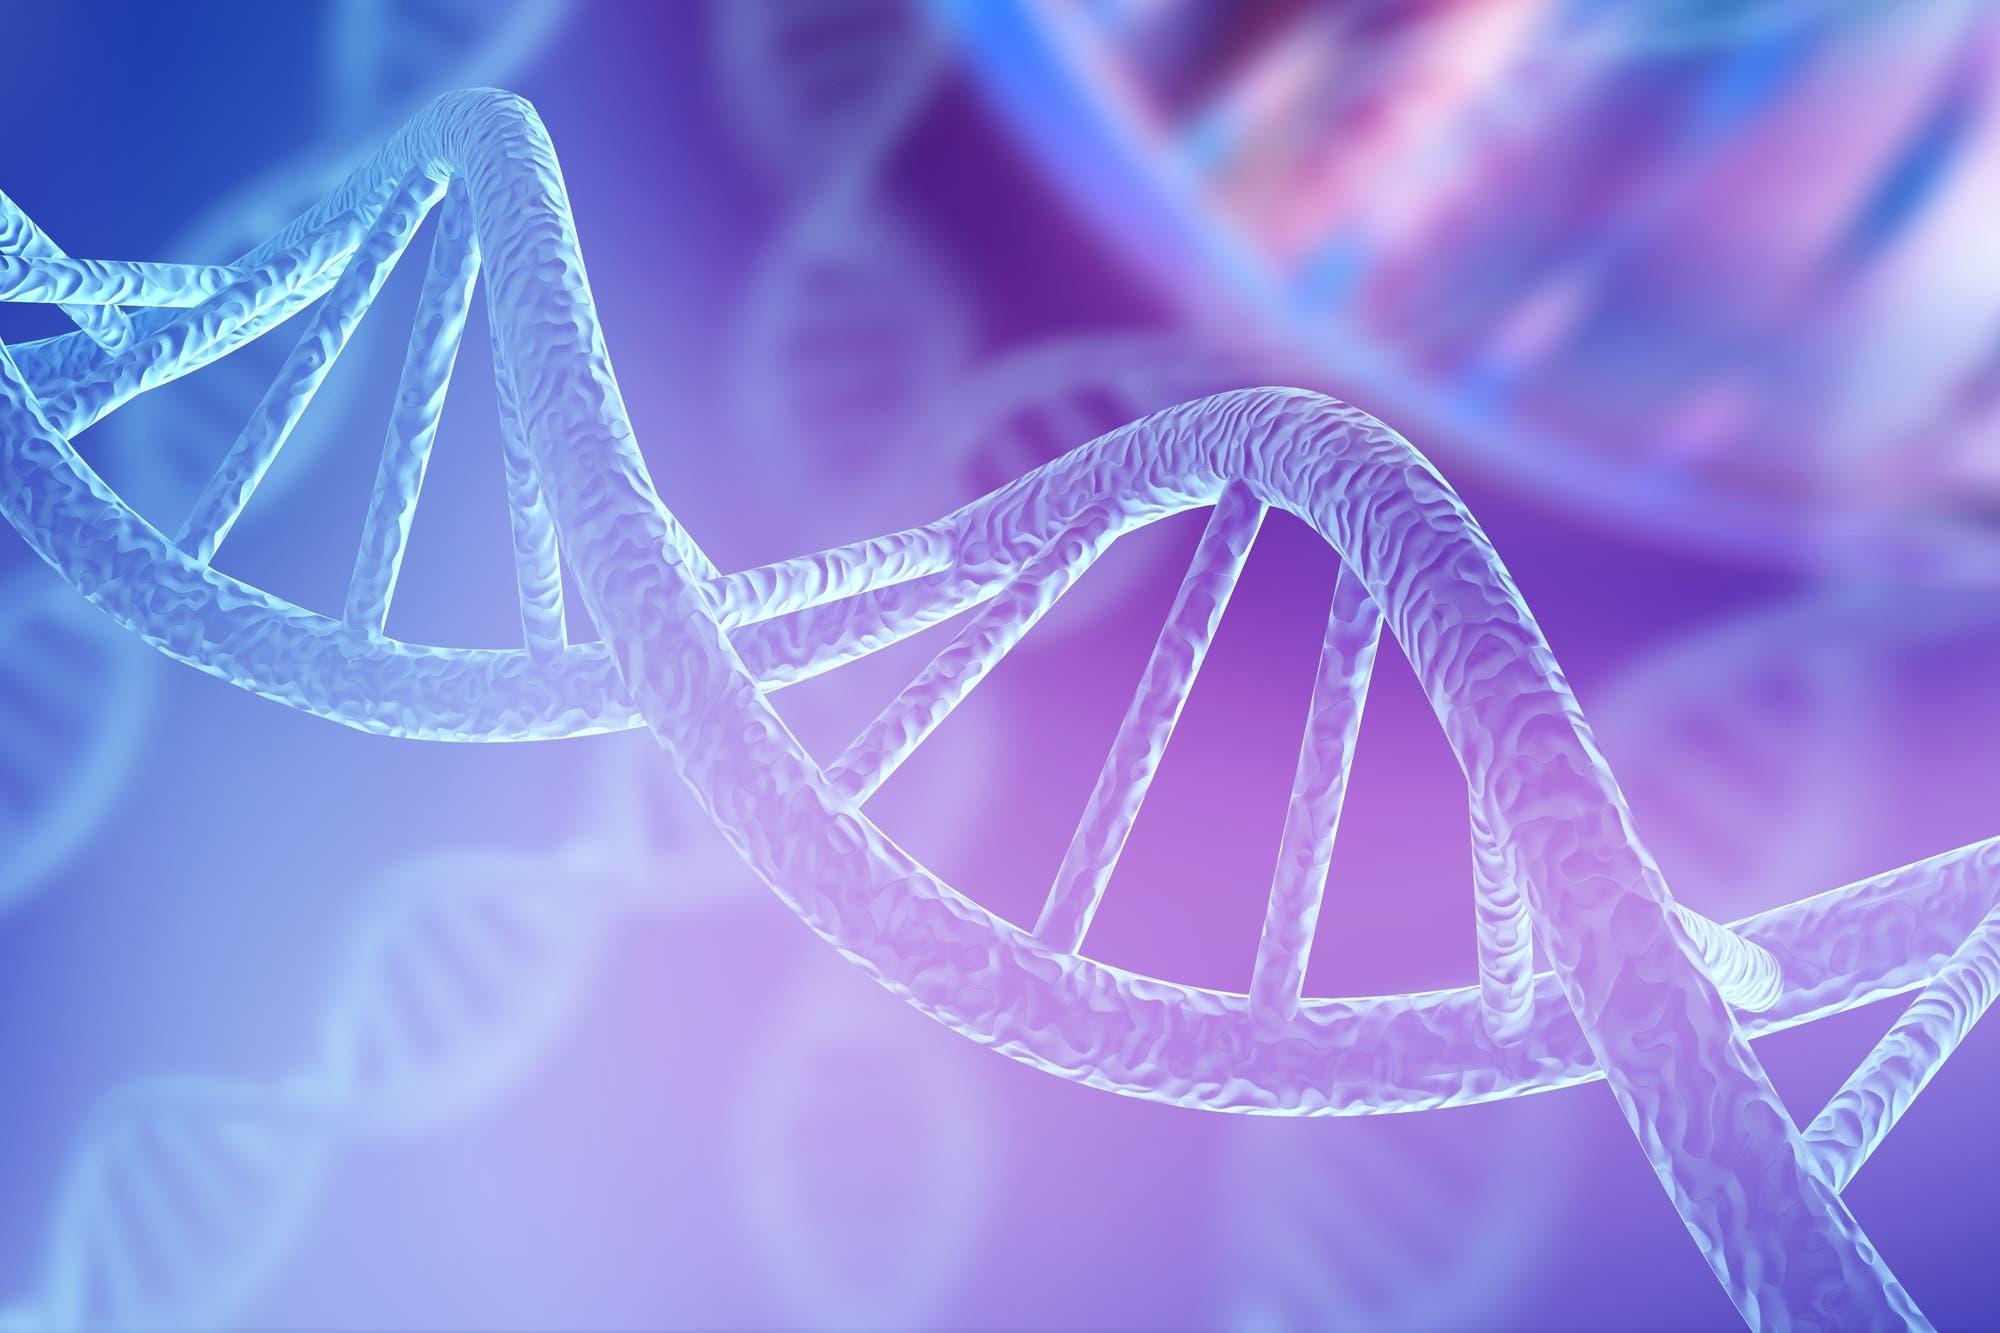 Logran un paso clave en la búsqueda por usar el ADN como si fuera un nanocable